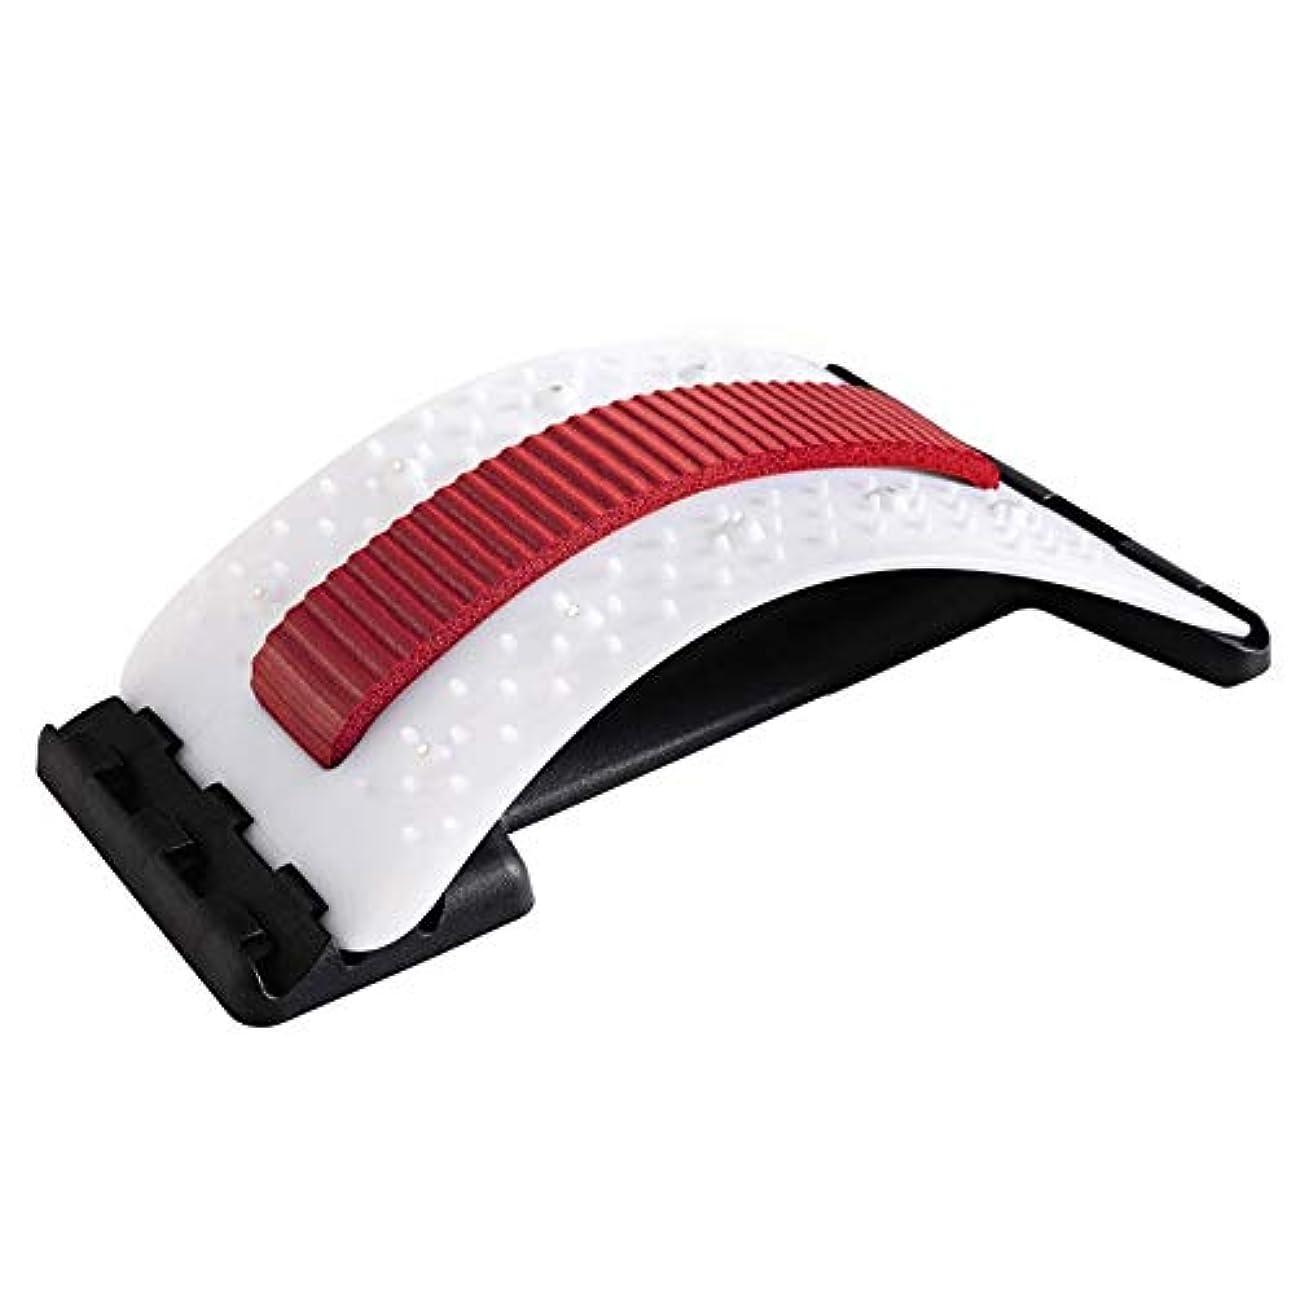 リールリールサイトライン背中バキバキ バック ストレッチャー 家庭用 バックオフィスチェアのサポート態勢マッサージャーストレッチャー、バックマジック背もたれ低い腰の痛み鍼戻ります (Color : Red and white)